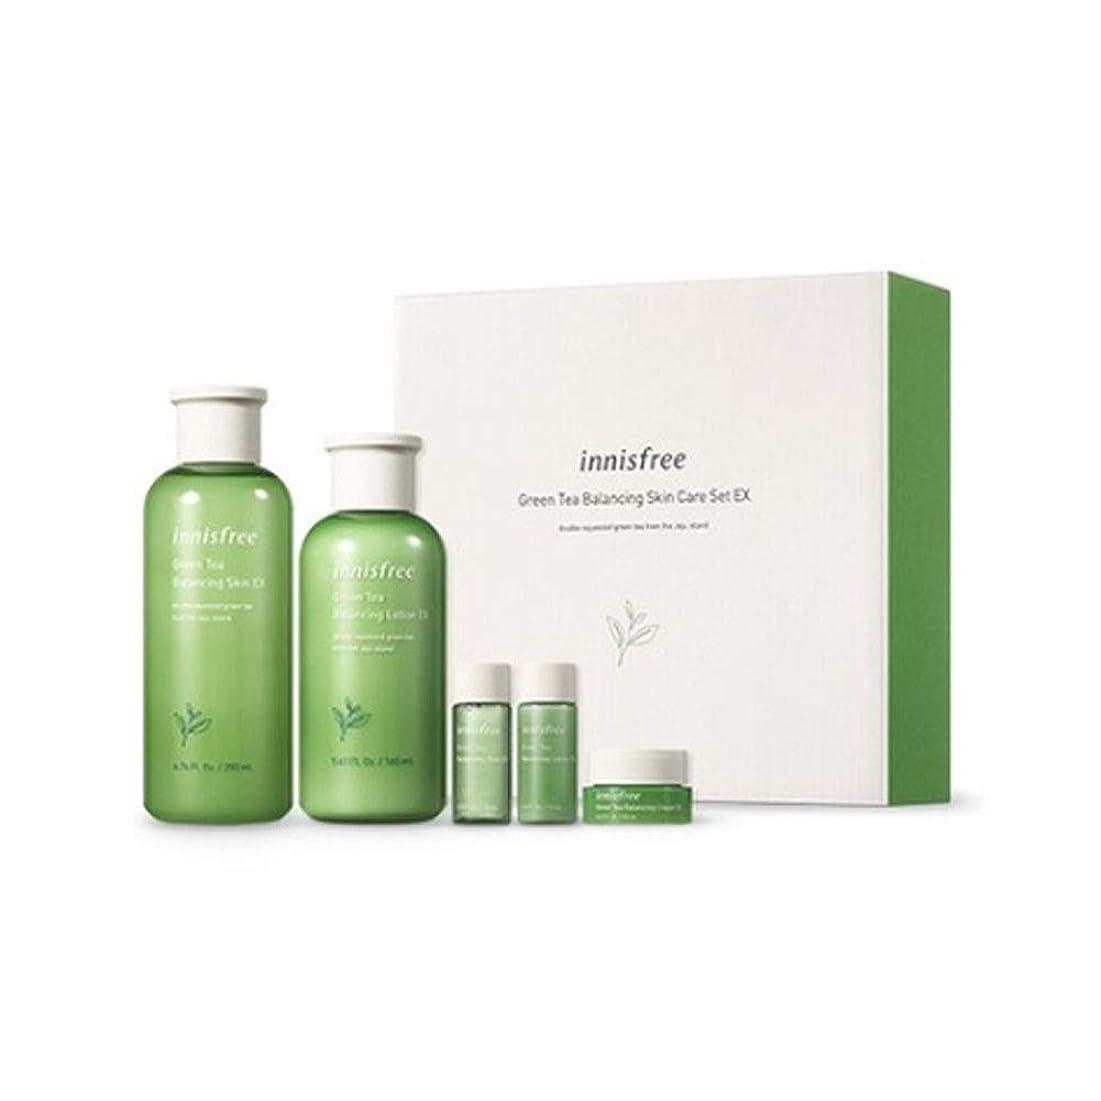 口実欠員フィッティングイニスフリーグリーンティーバランシングスキンケアセットの水分ケア韓国コスメ、innisfree Green Tea Balancing Skin Care Set Korean Cosmetics [並行輸入品]